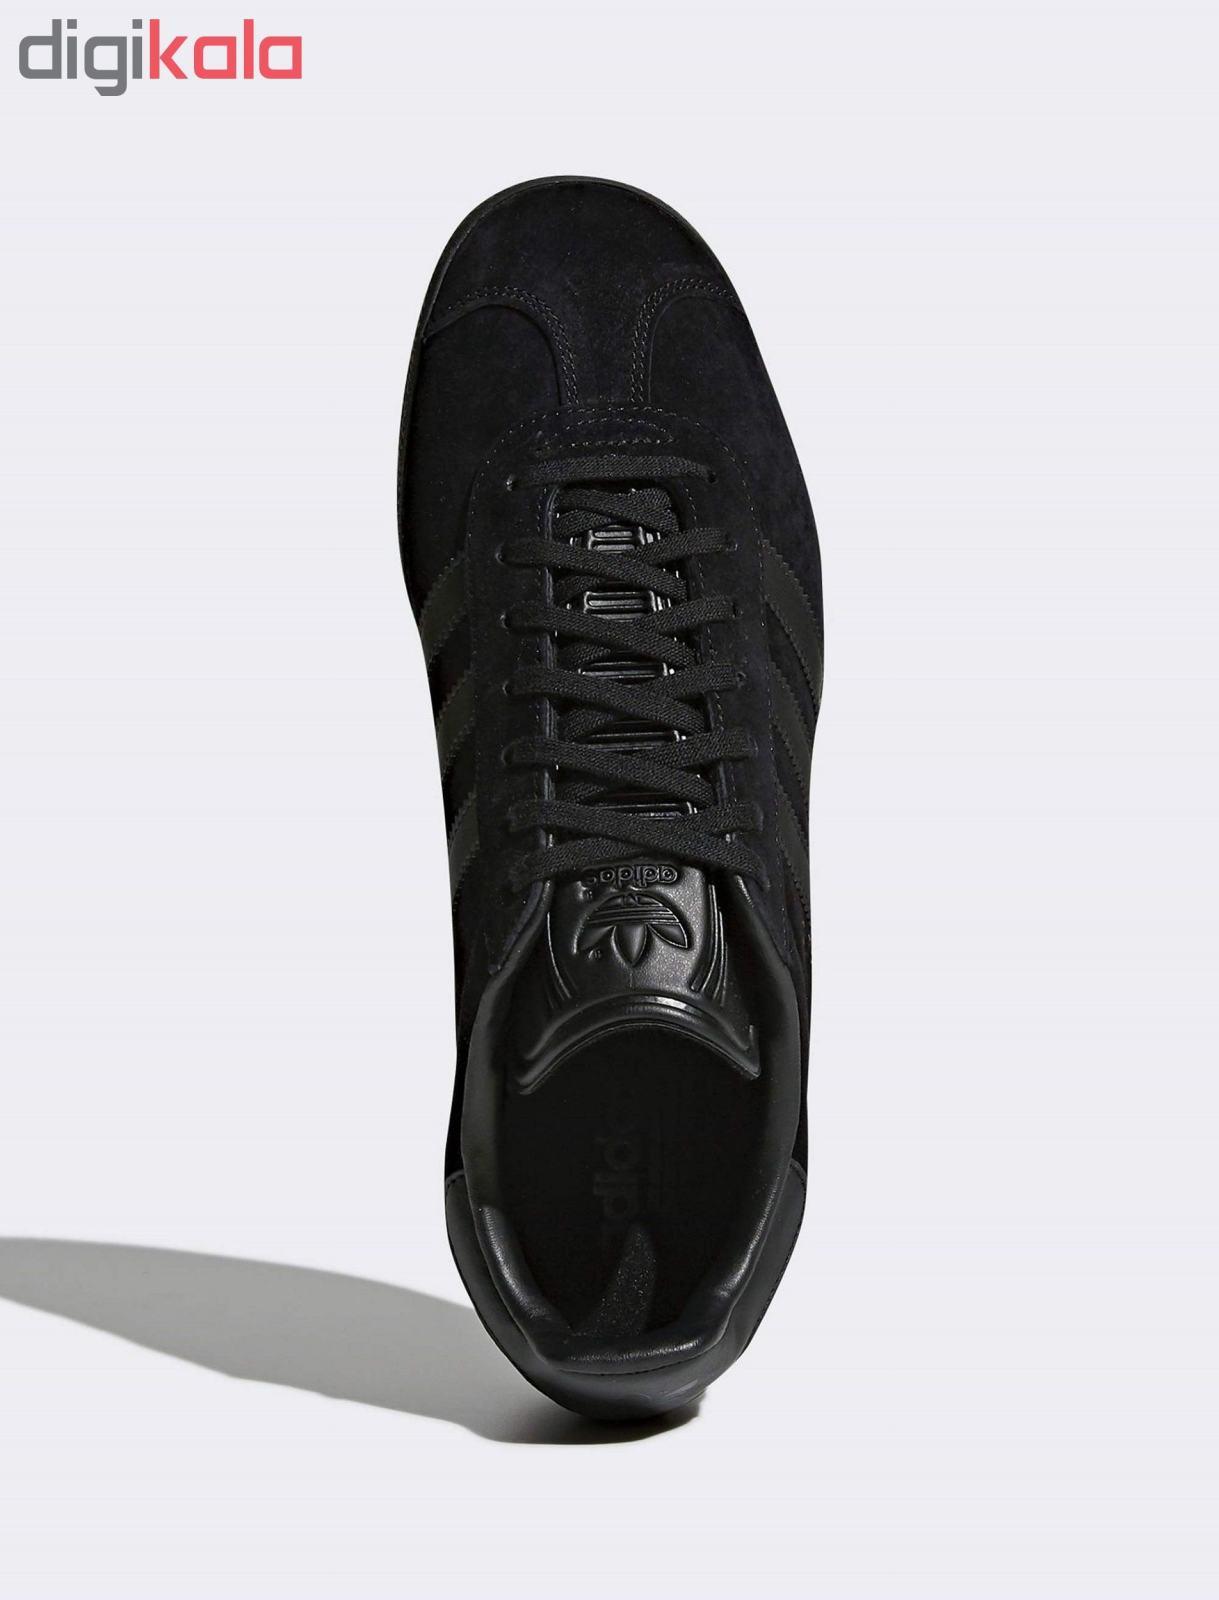 کفش راحتی مردانه آدیداس مدل gazelle کد CQ2809